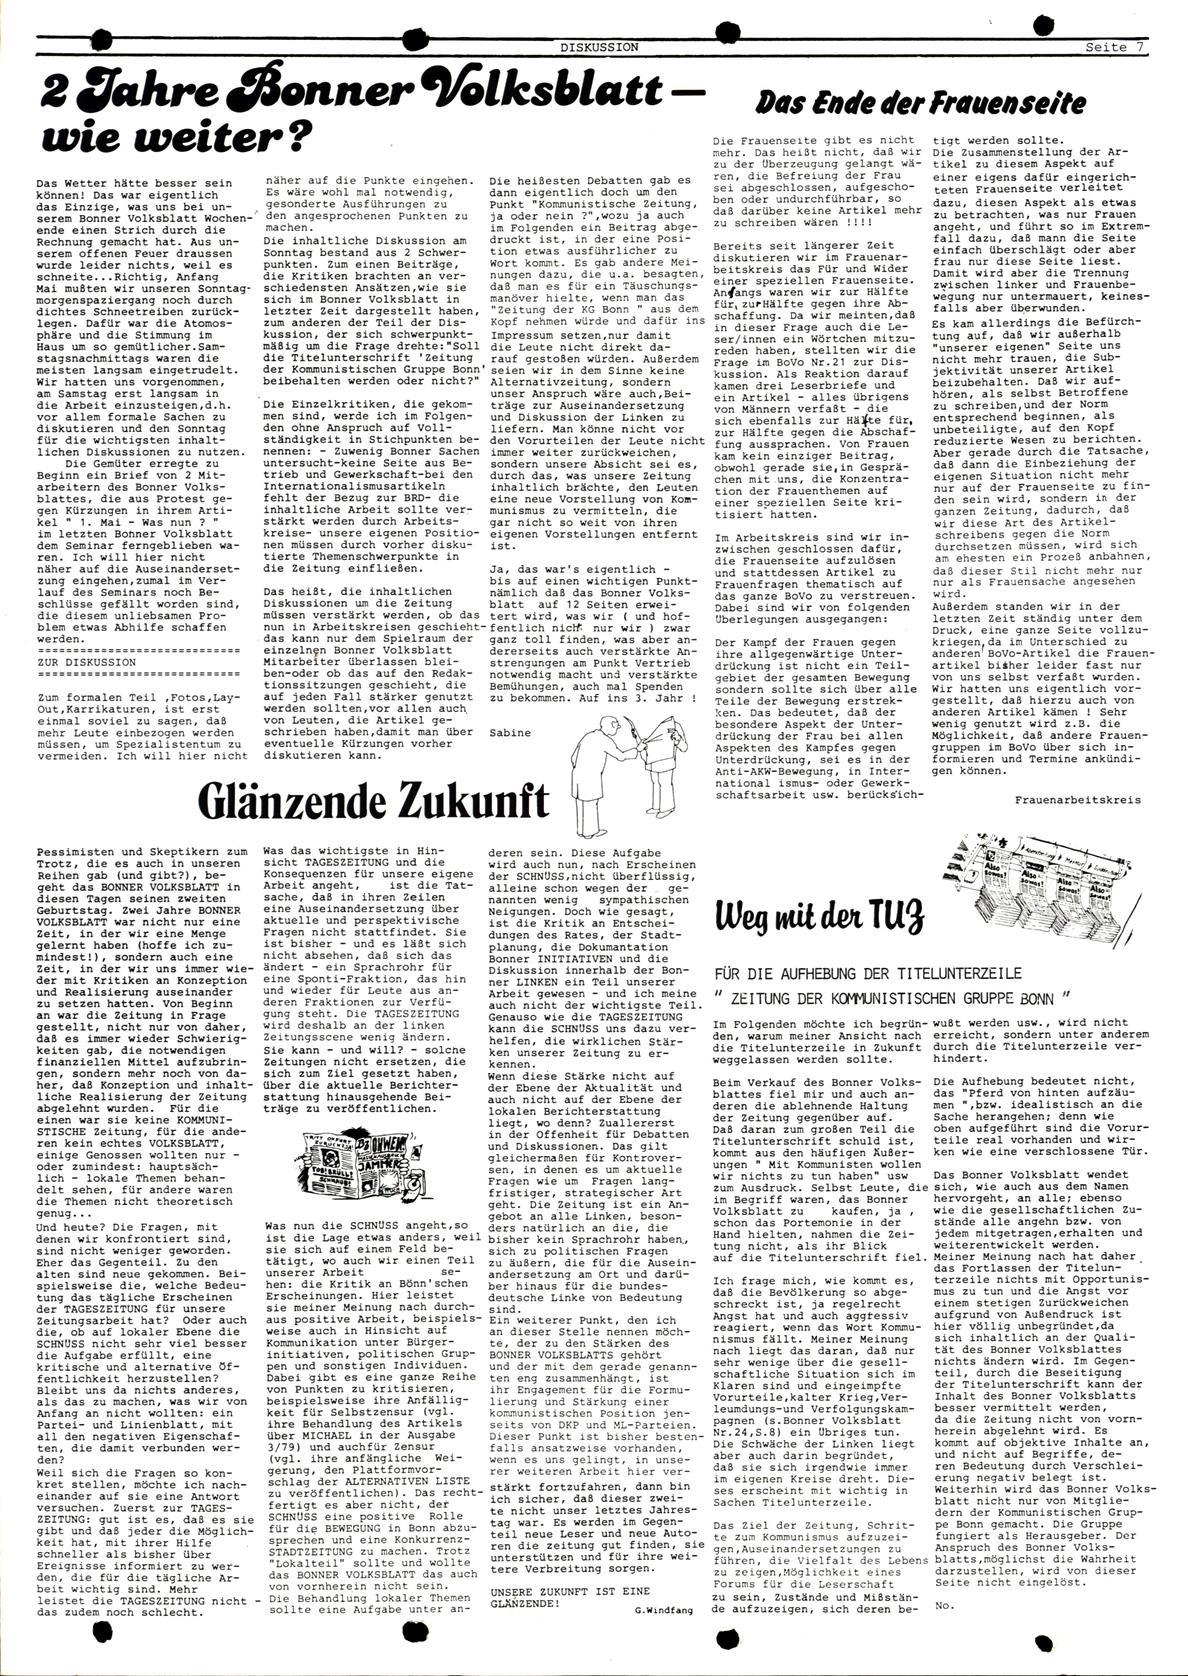 Bonner_Volksblatt_25_19790530_07